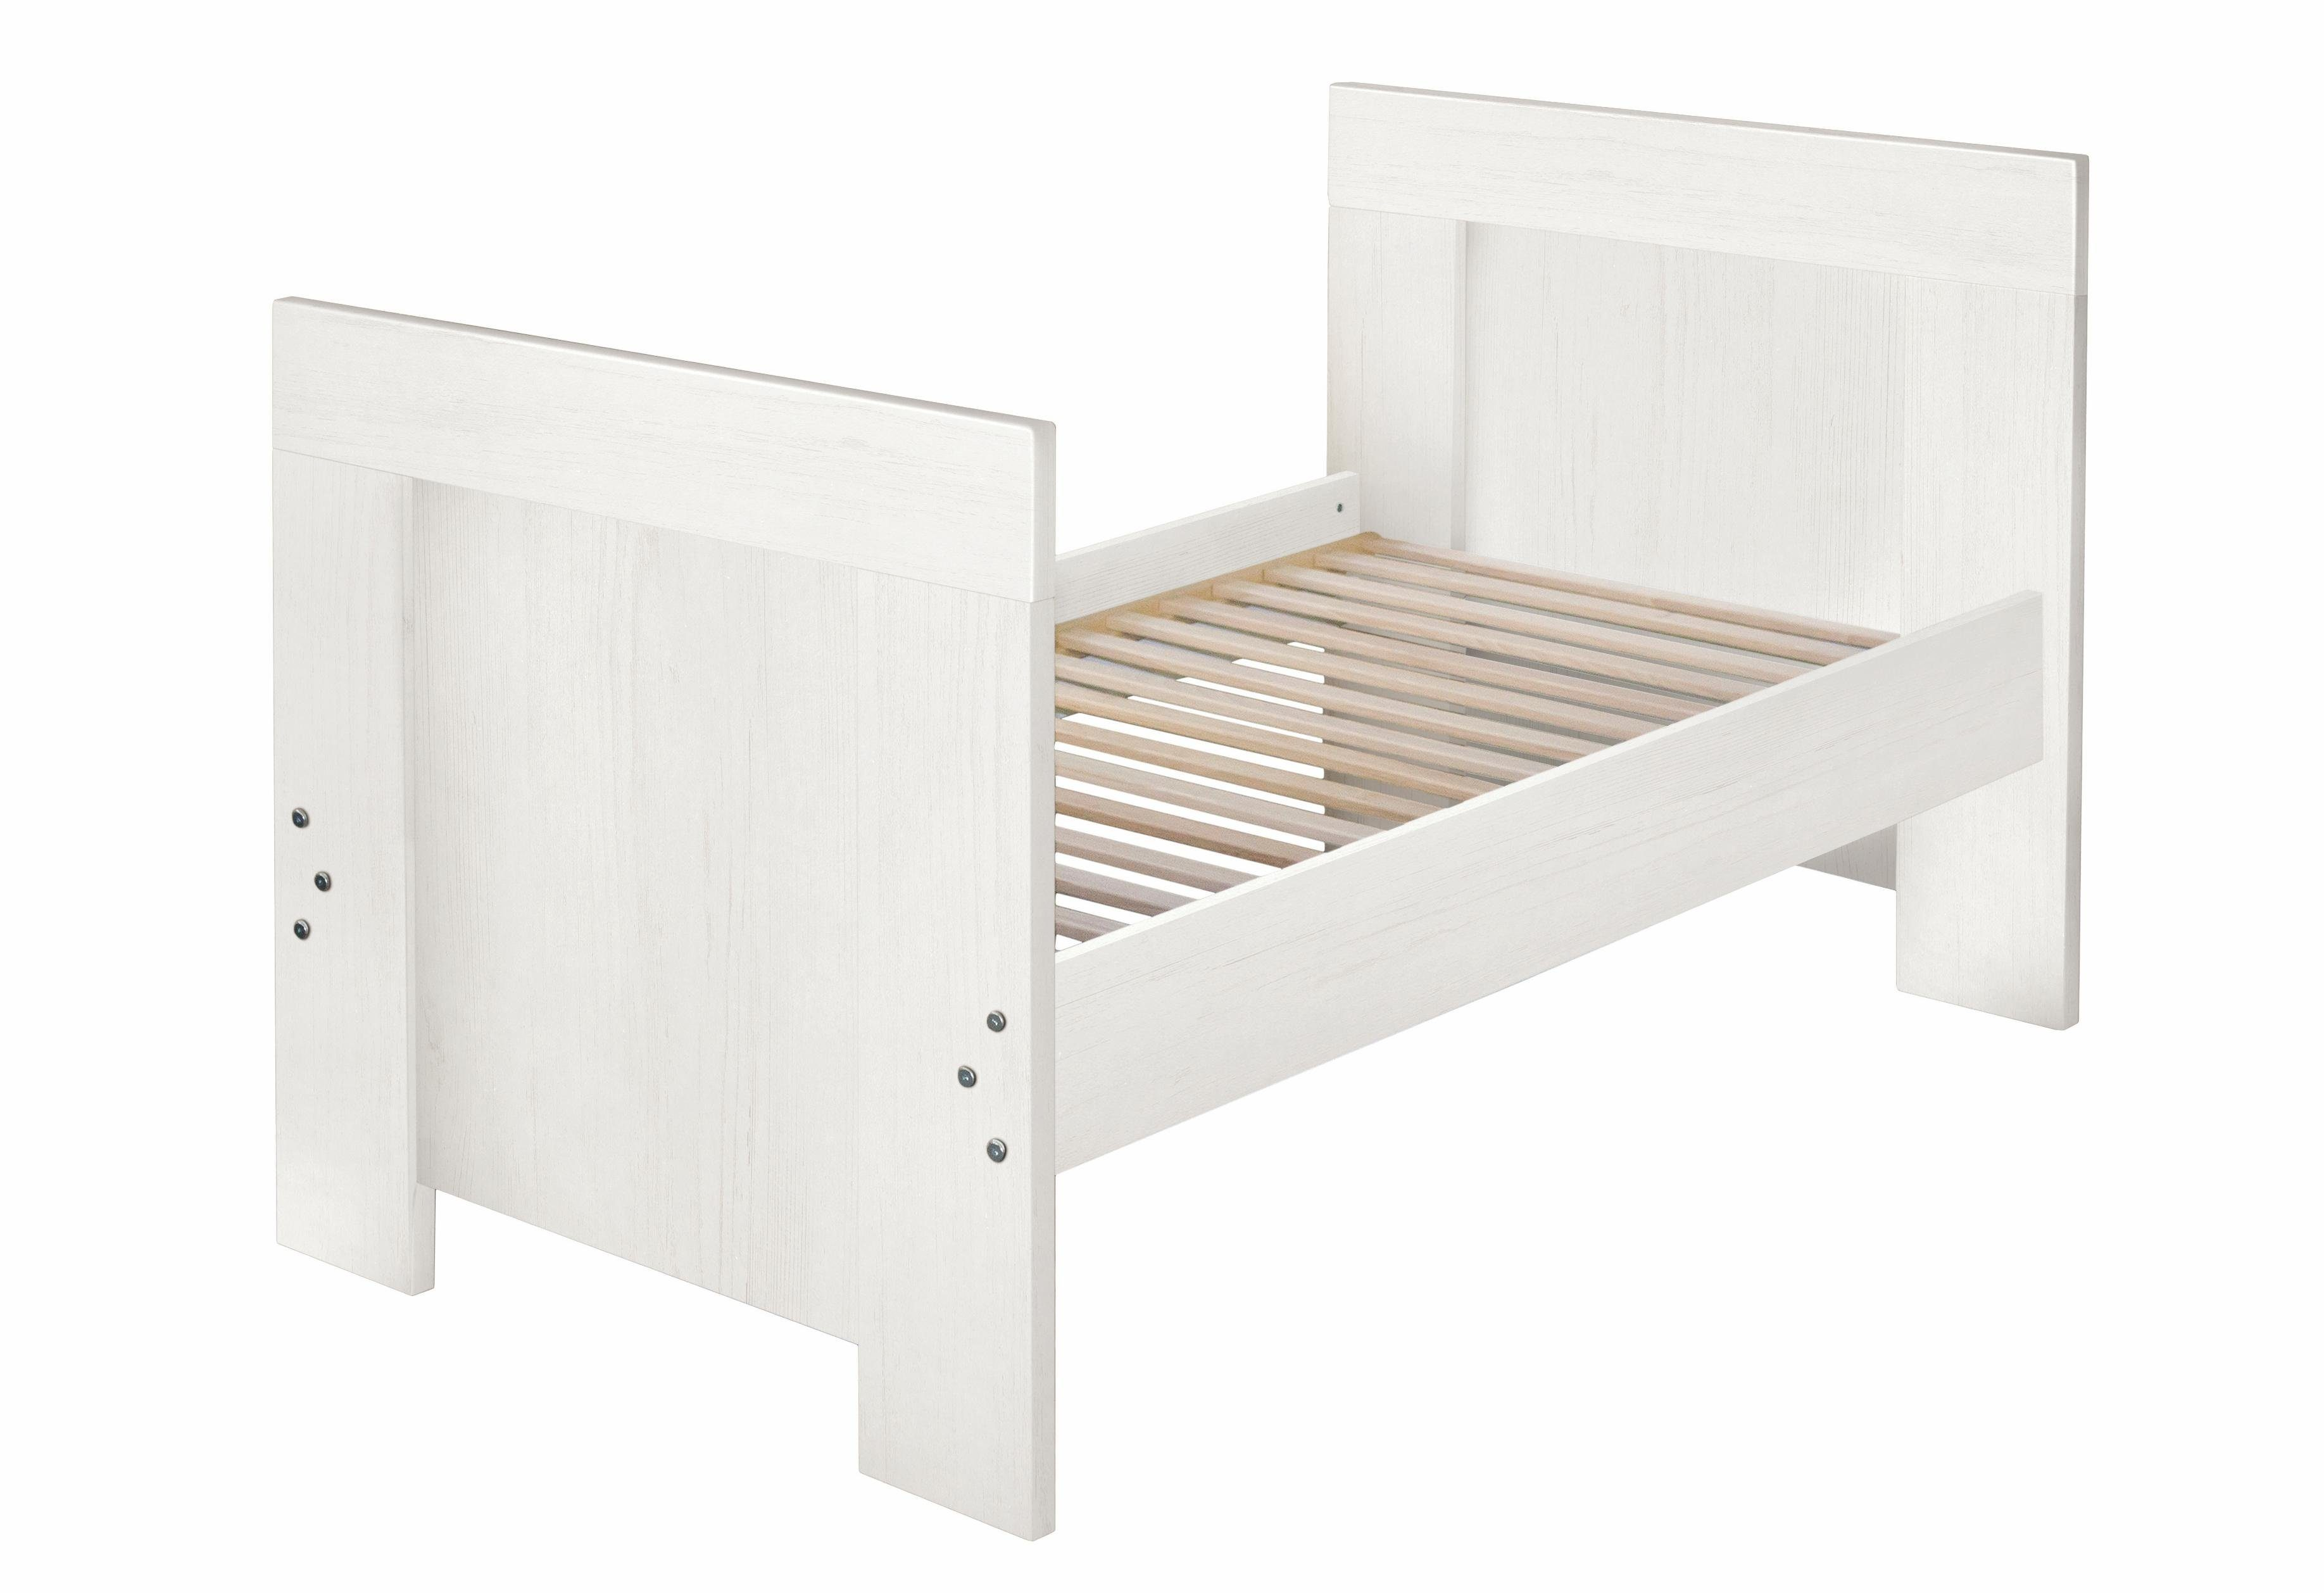 Umbauseiten zum Juniorbett für die Babymöbel Serien Granny, Bergen, Lillesand und Dandy, in Pinie NB, weiß